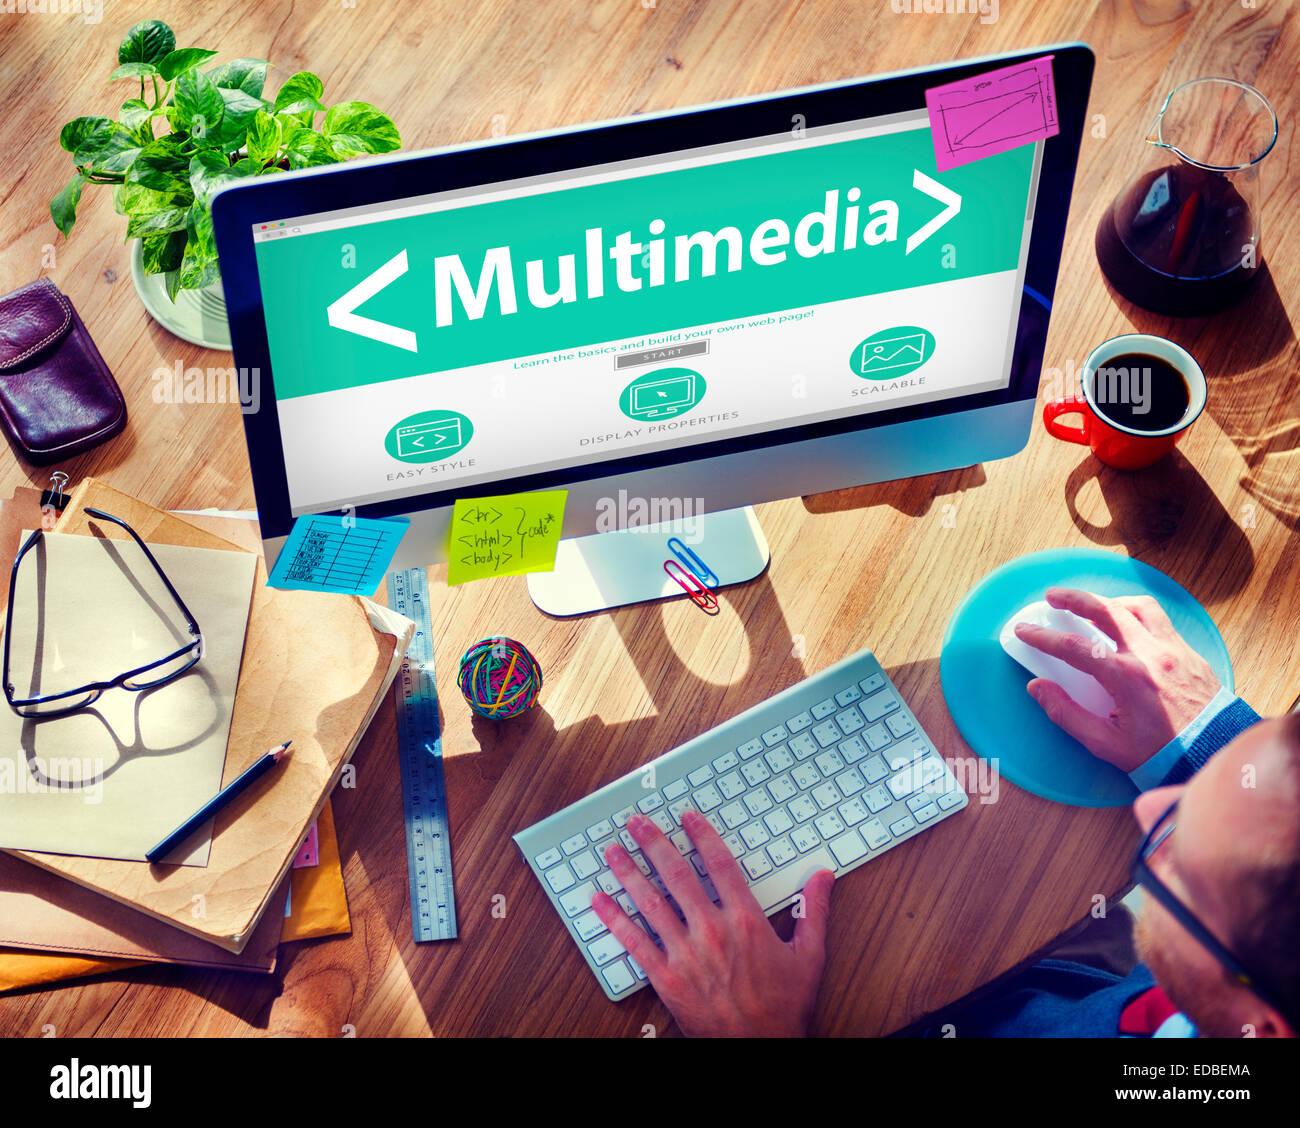 Digitale Multimediale online di Social Media Ufficio concetto di lavoro Immagini Stock